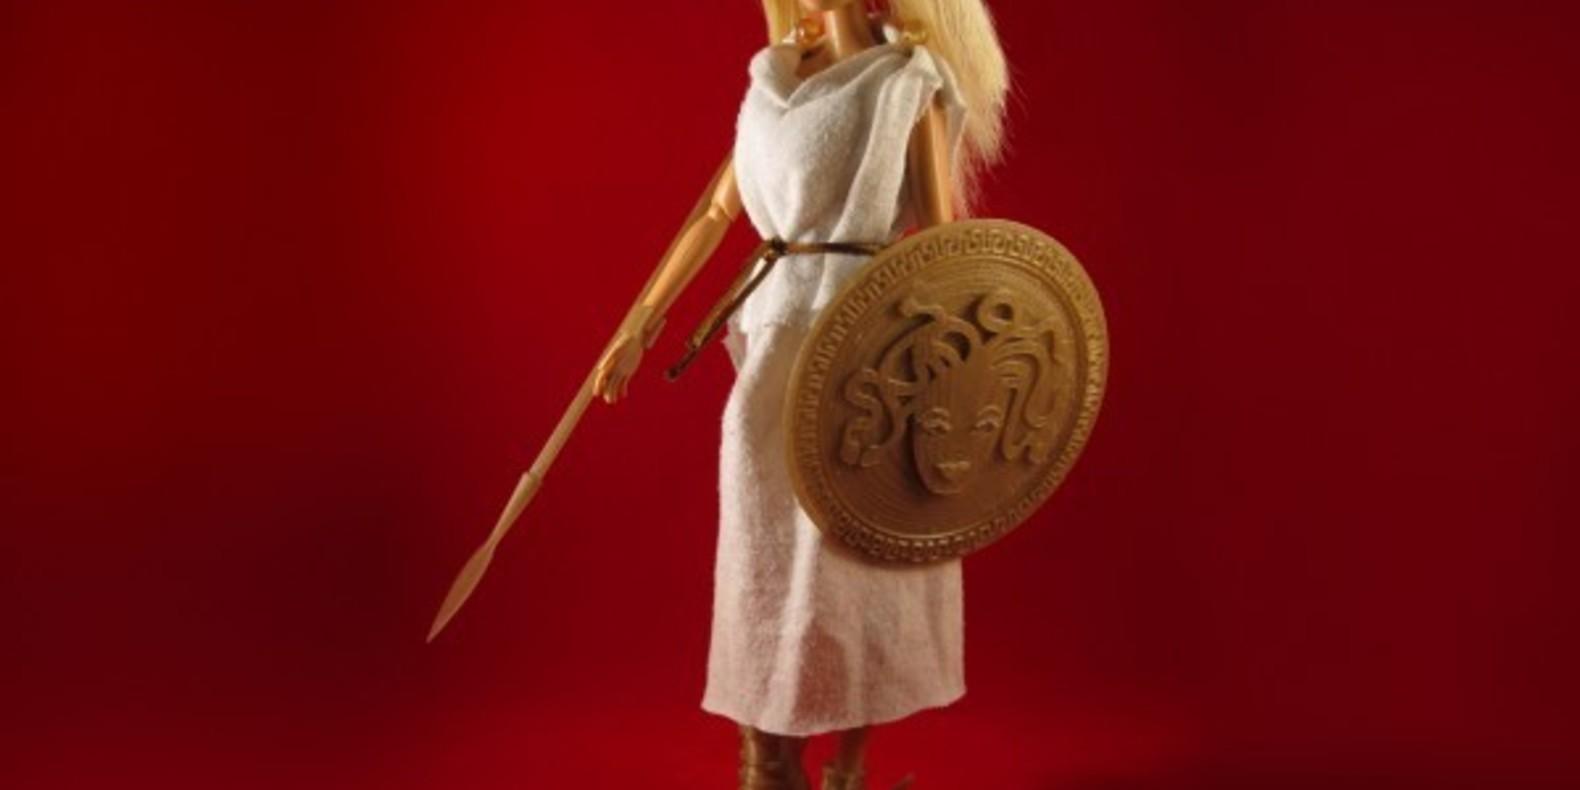 barbie 3D printing impression 3D cults fichier 3D modèle télécharger jim rodda zheng3 faire play kickstarter armure médiévale imprimée en 3D